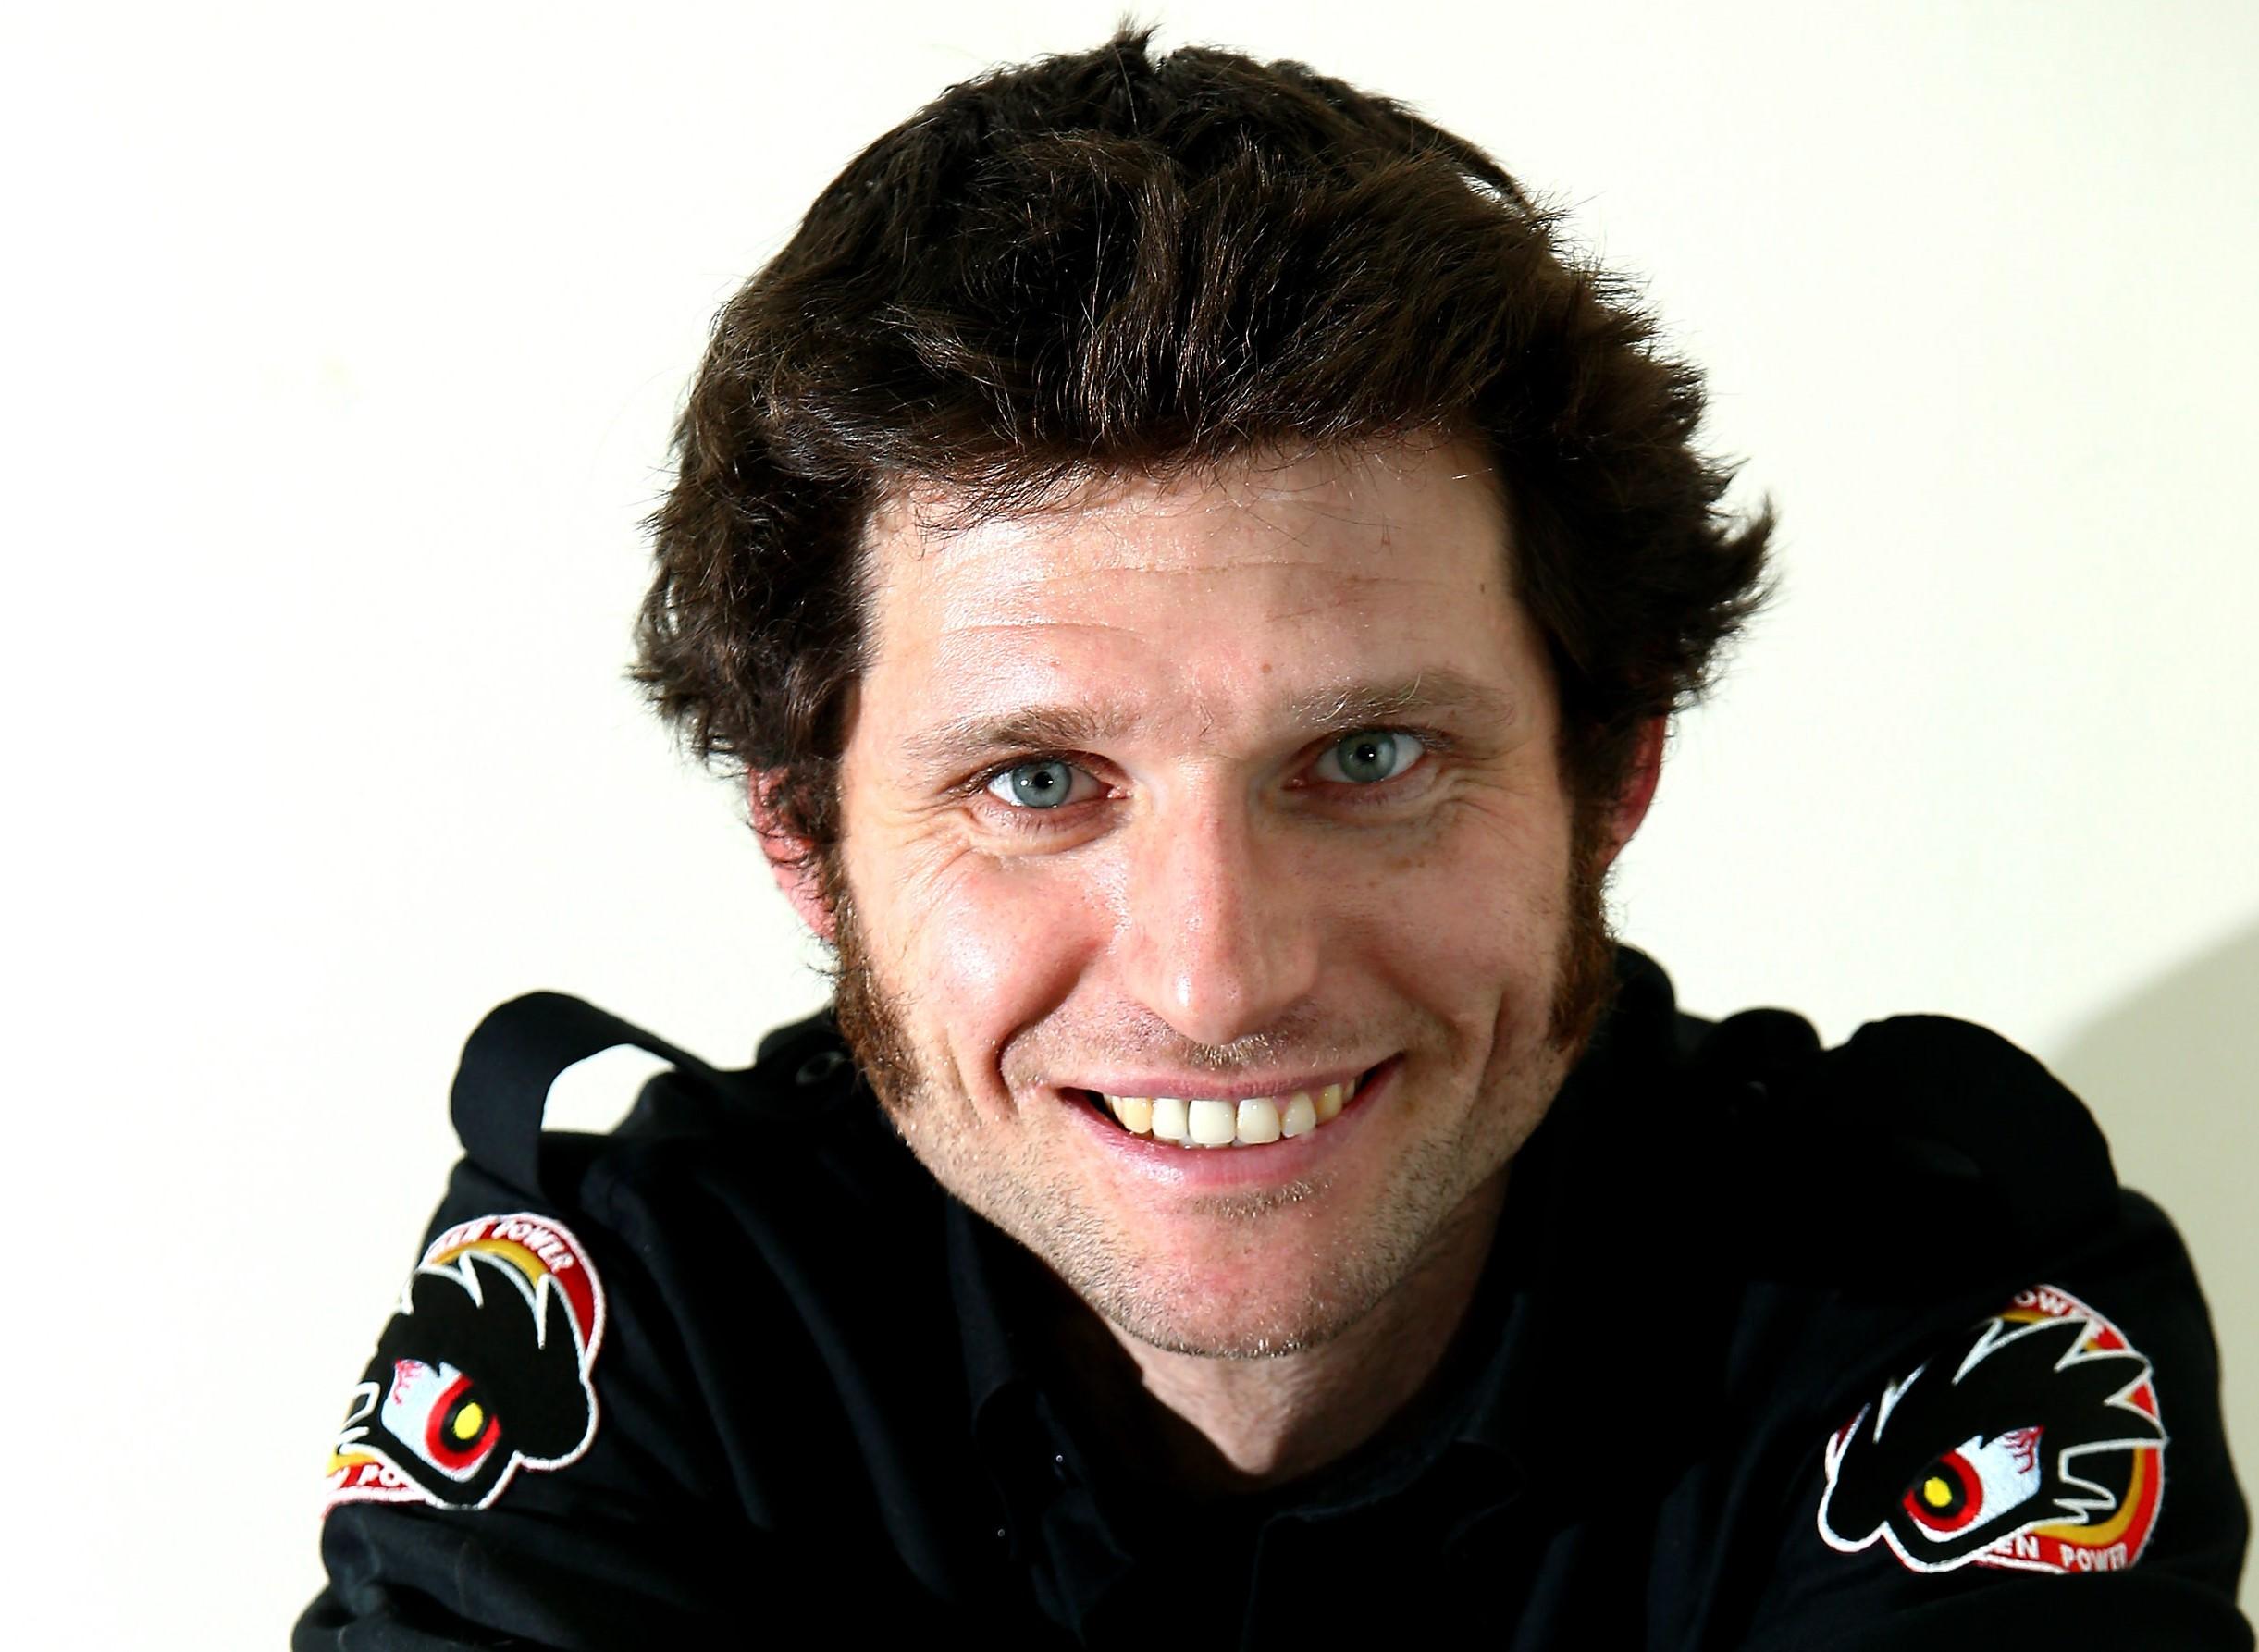 Guy Martin Finalises Mugen's SES TT Zero Line Up